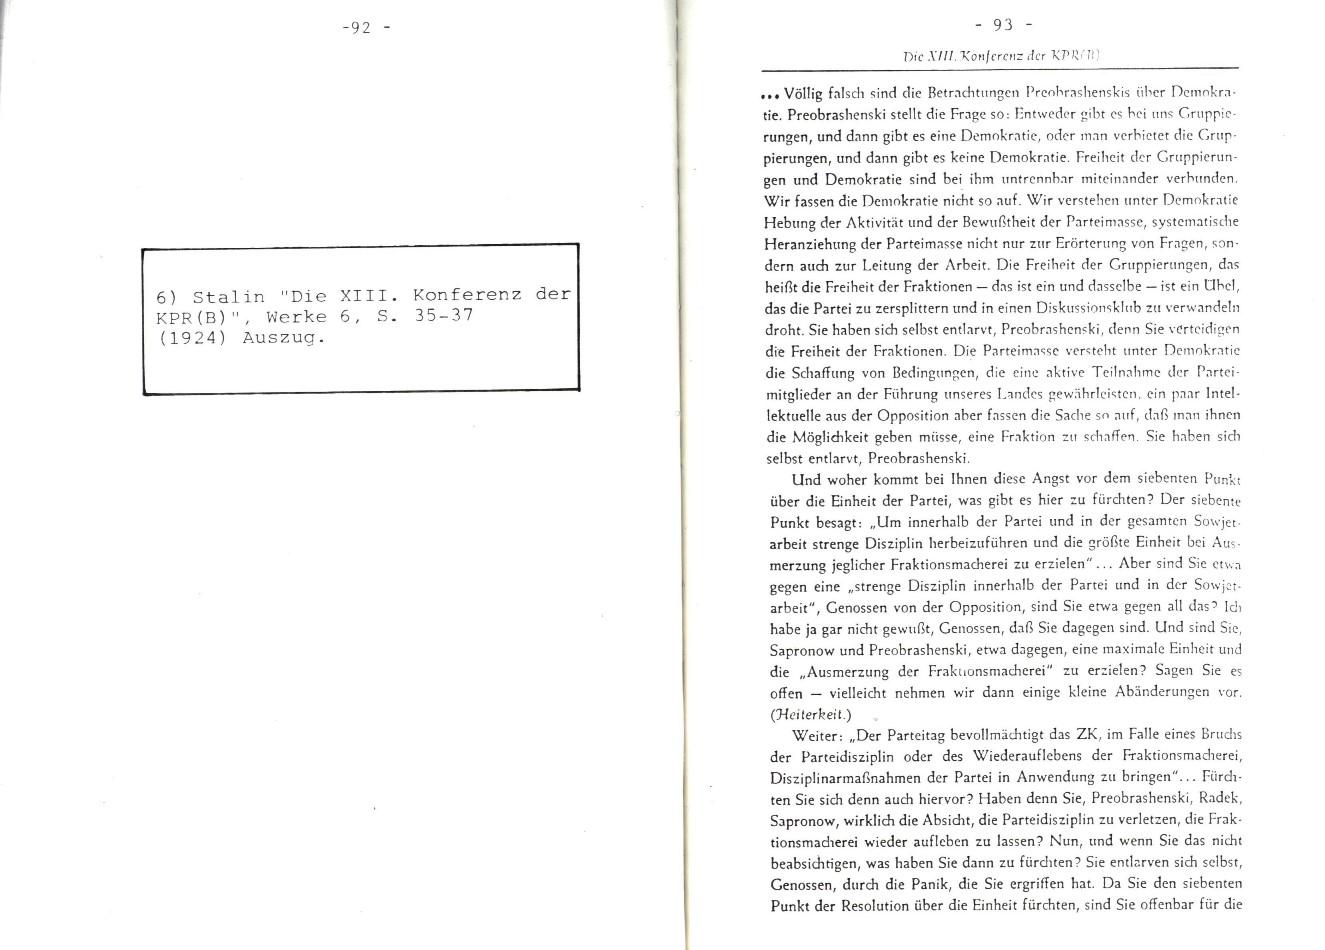 MLSK_Theorie_und_Praxis_des_ML_1979_25_47